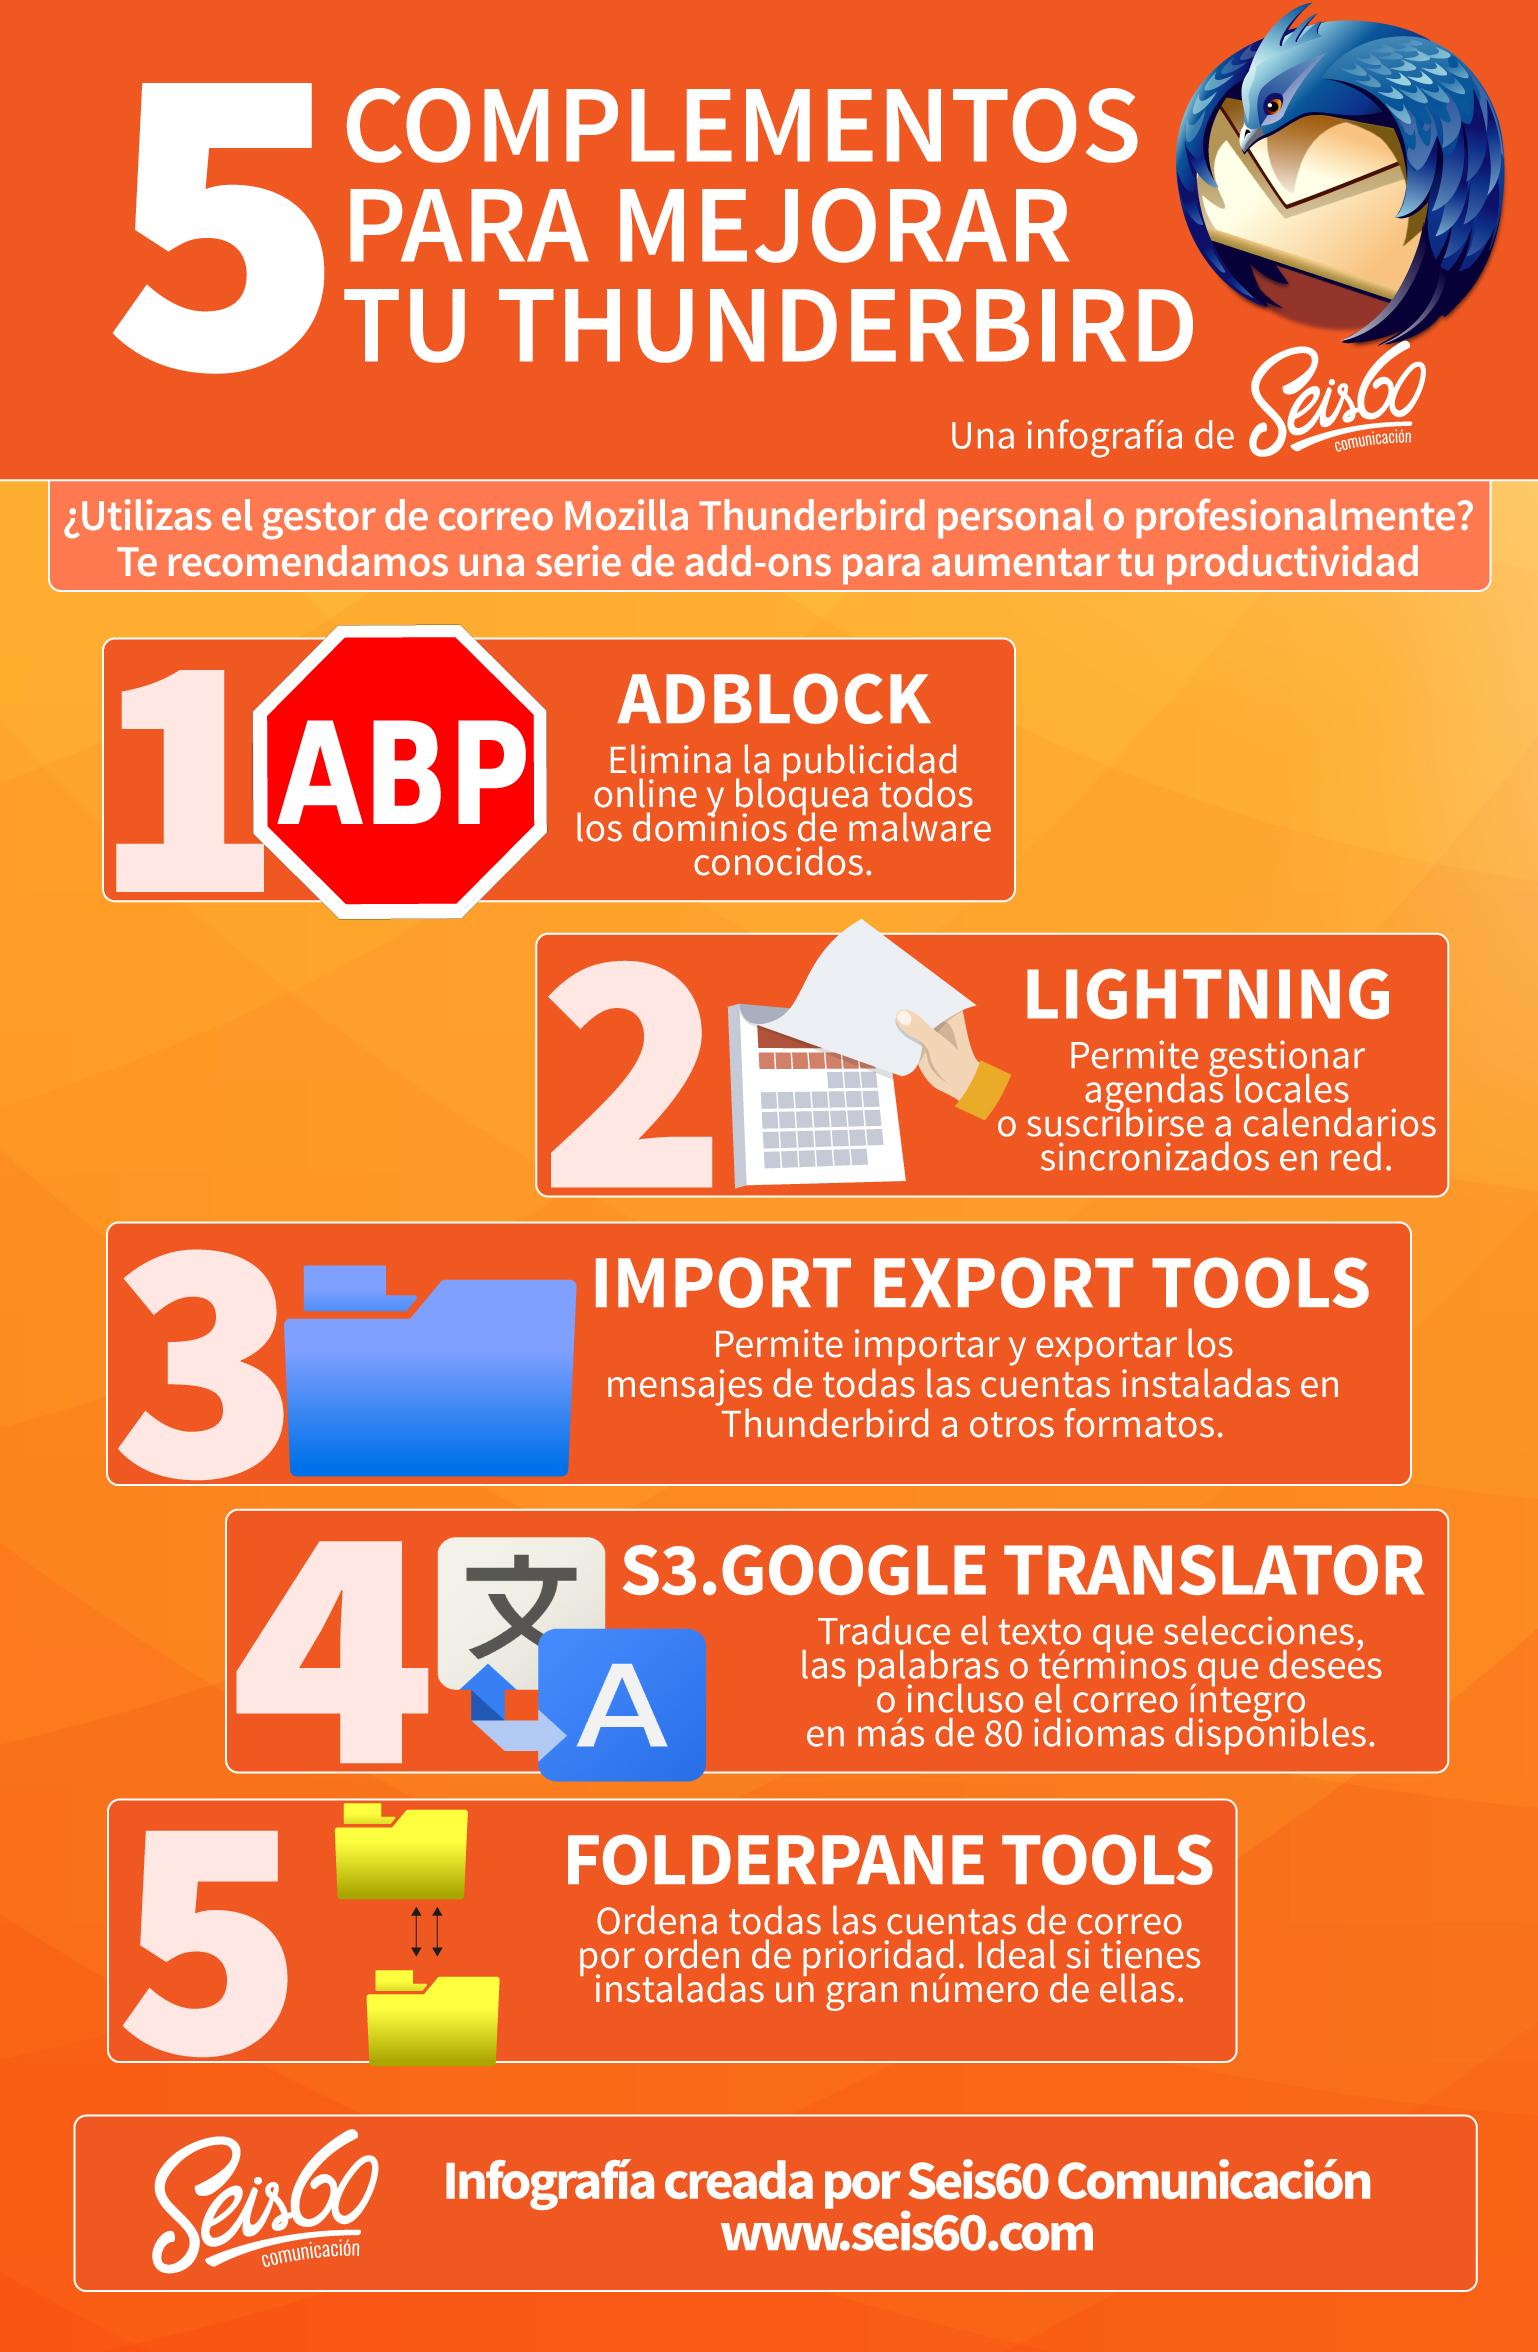 Infografía: 5 complementos para mejorar tu gestor de correo Mozilla